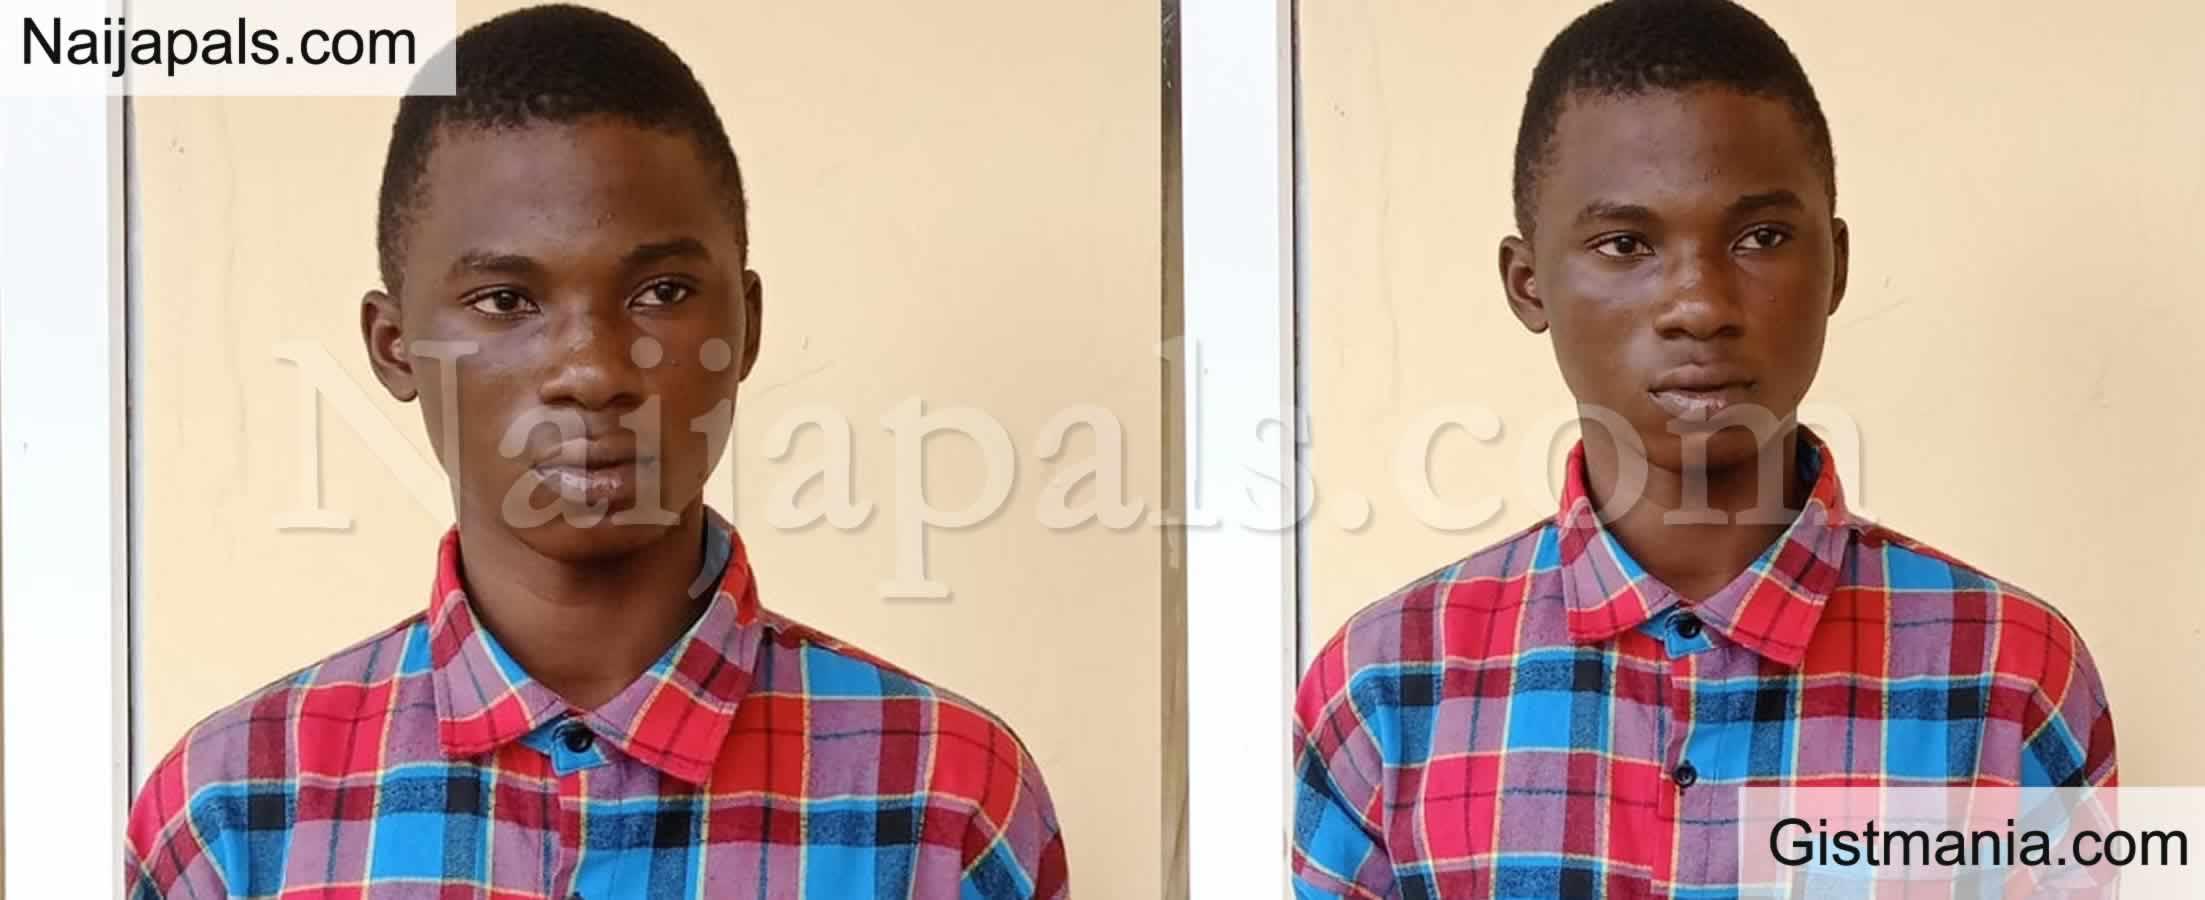 """<img alt='.' class='lazyload' data-src='https://img.gistmania.com/emot/cry.gif' /> <b>18-Yr-Old Boy, Jamiu Arrested For Allegedly Stabbing A 28-Yr-Old """"Runs Girl"""" To Death In Ogun</b>"""